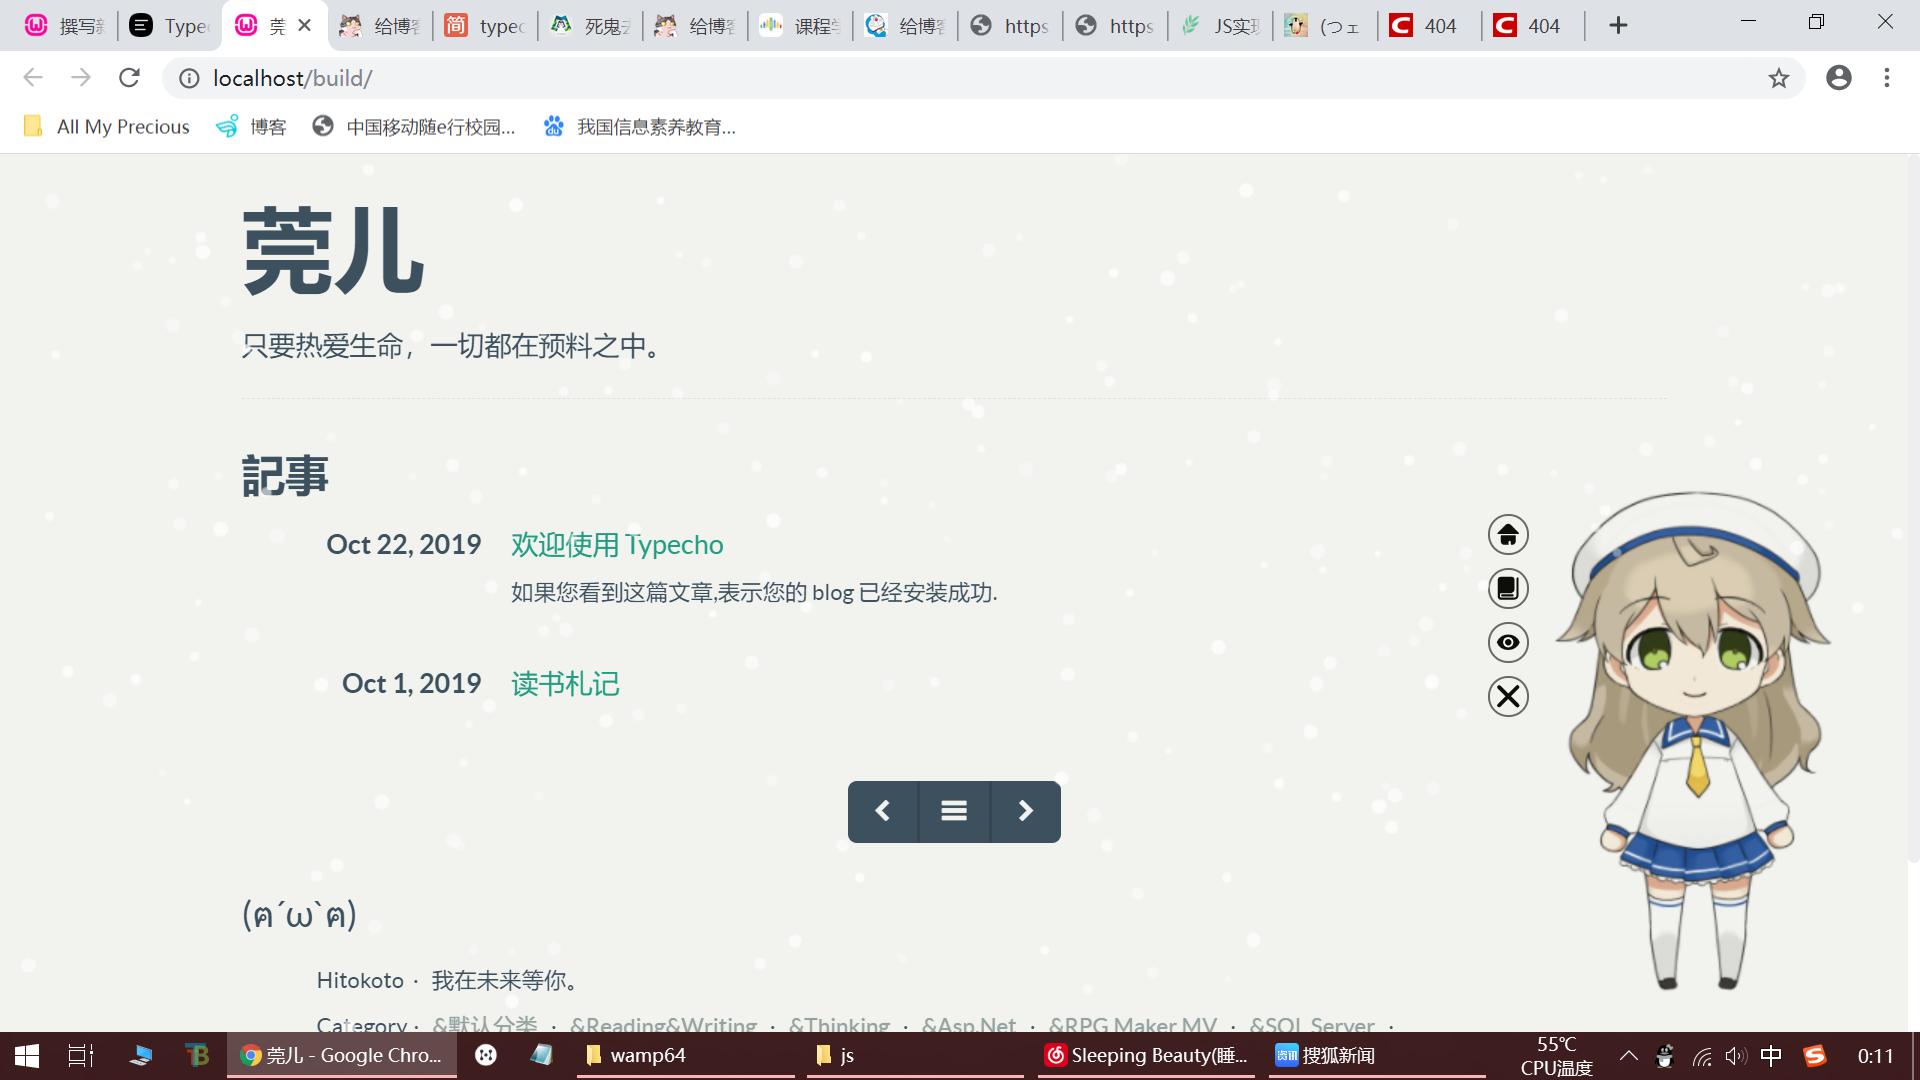 【博客框架】 Typecho